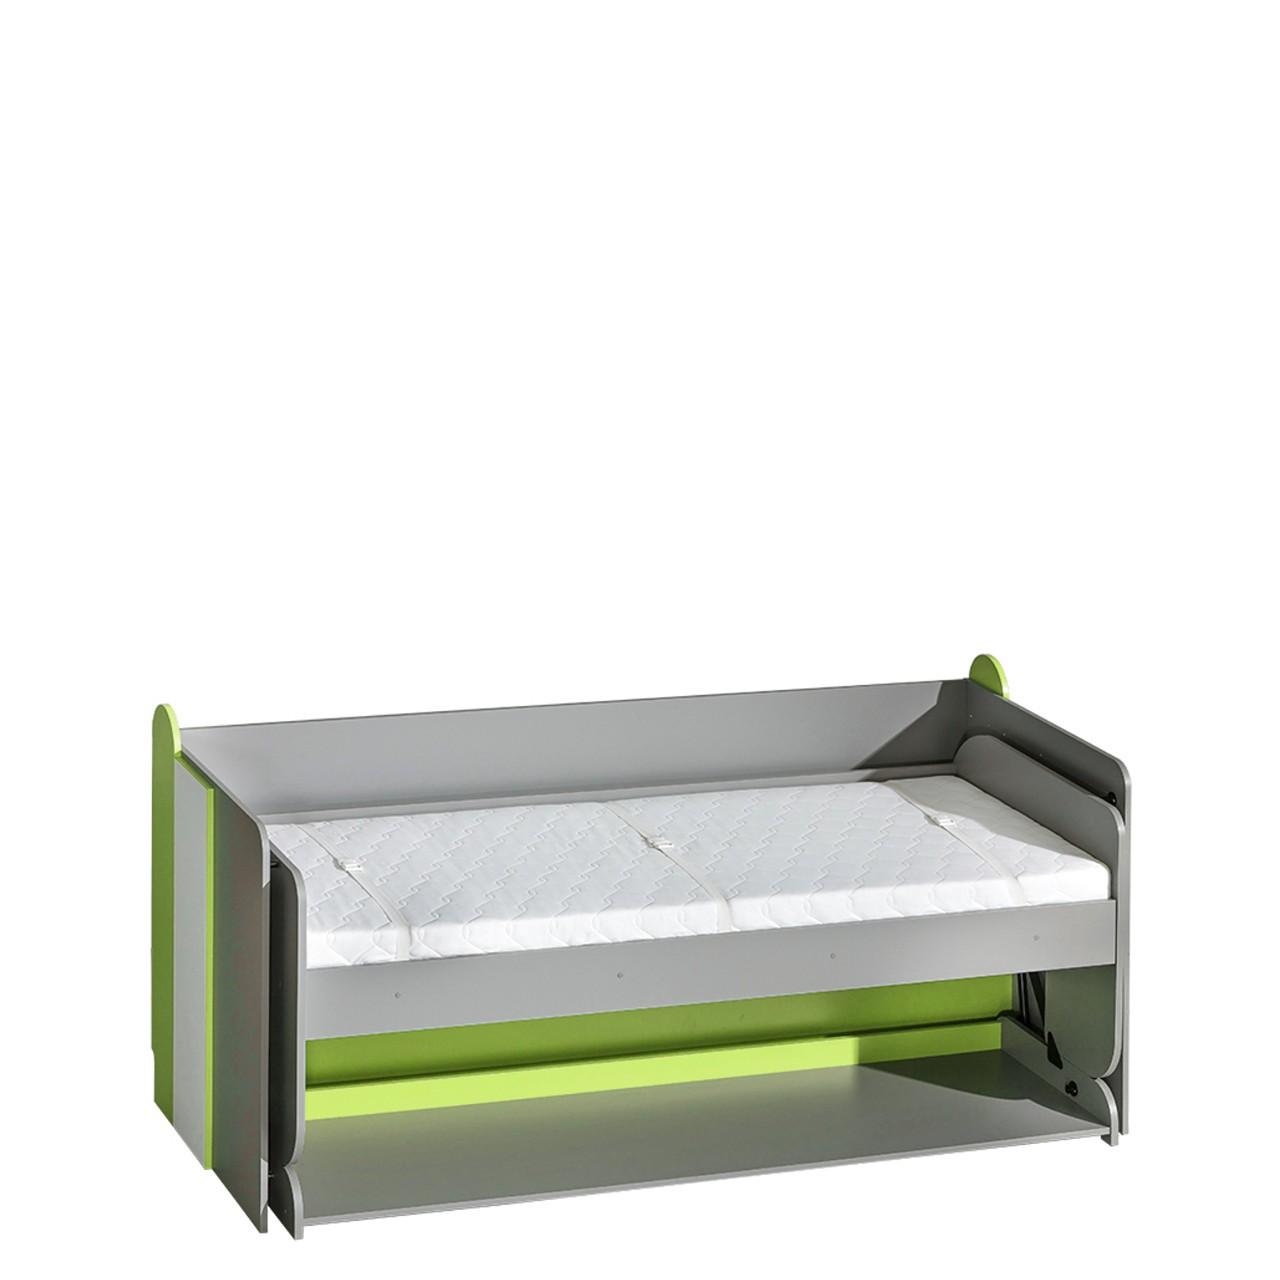 Jugendbett und Schreibtisch Gutro G14 - Mirjan24